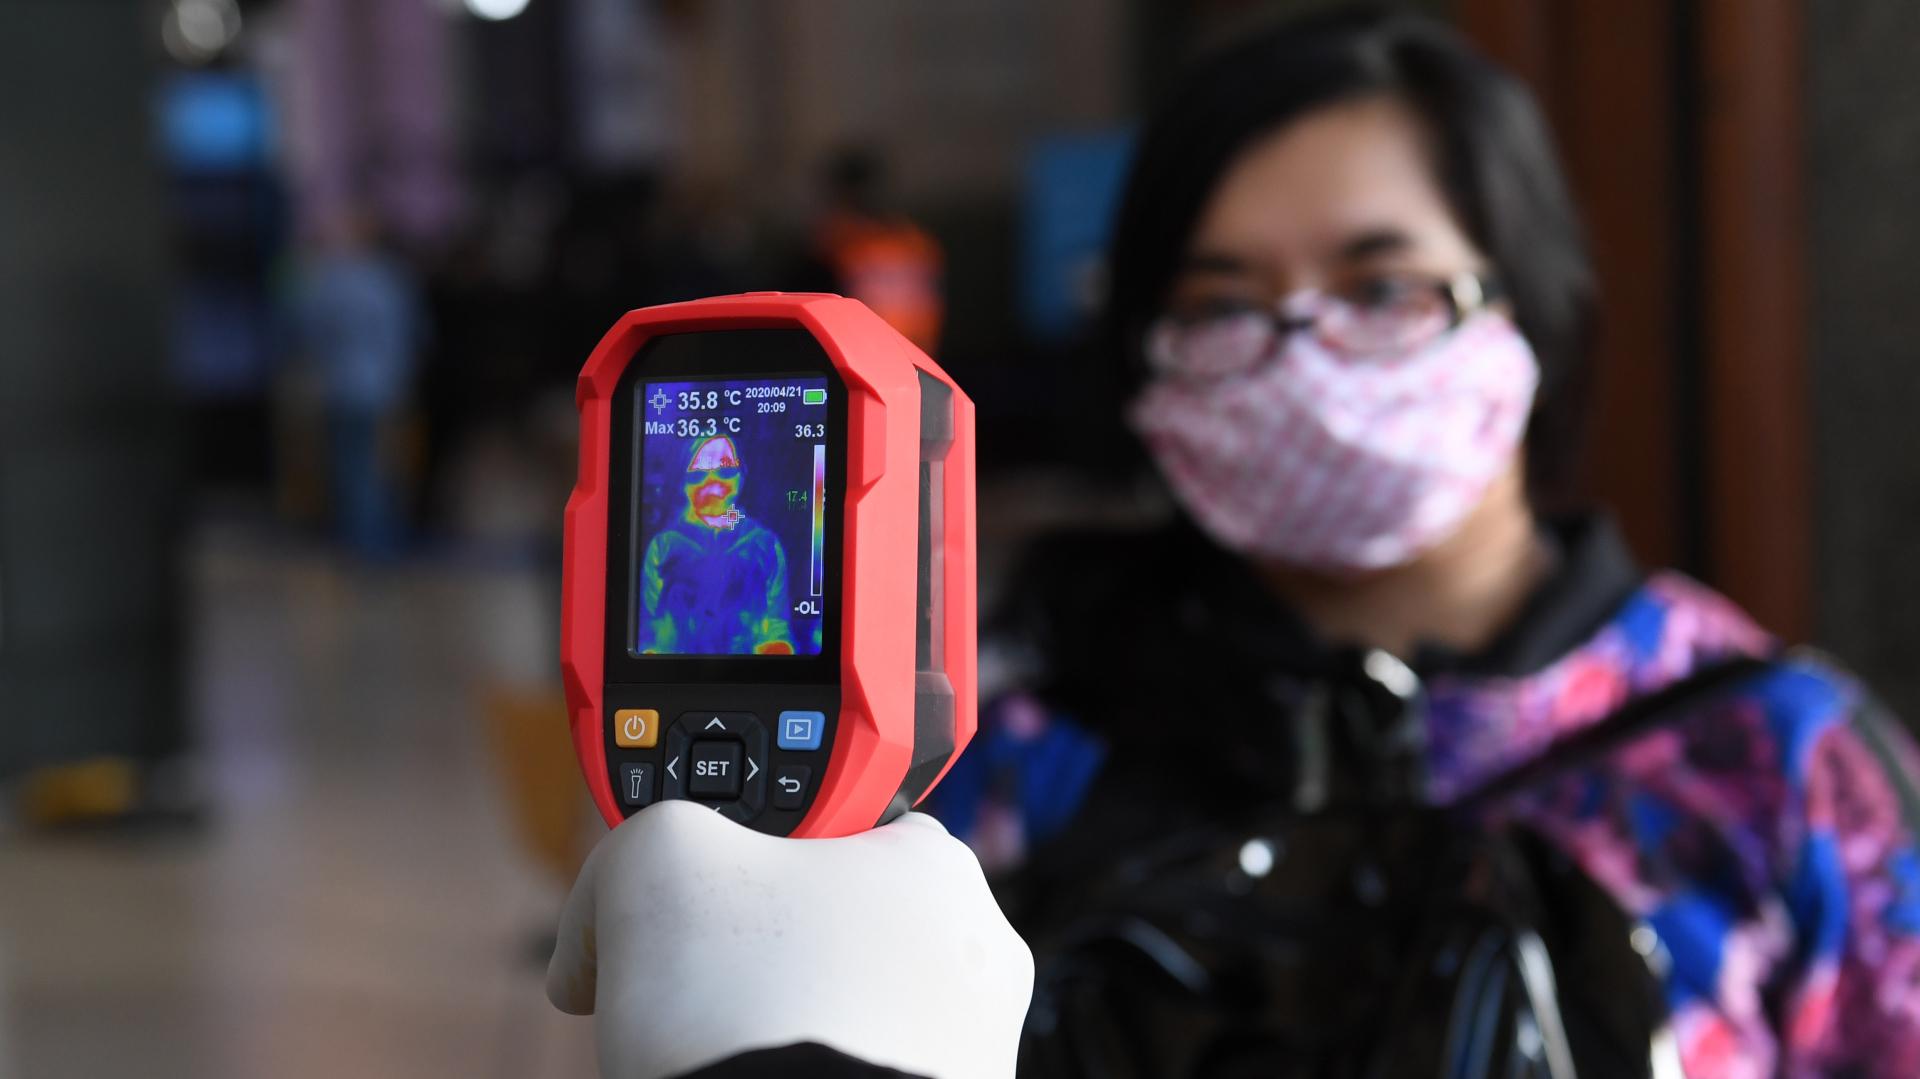 Una cámara de temperatura en la estación Retiro del Tren Mitre. Dicho dispositivo tiene un error de 0.3 grados centígrados y se dispara una chicharra cuando la persona supera los 37.9 grados. Otro de los sistemas que se usan en el transporte público para detectar pasajeros con síntomas que pueden ser compatibles con COVID-19